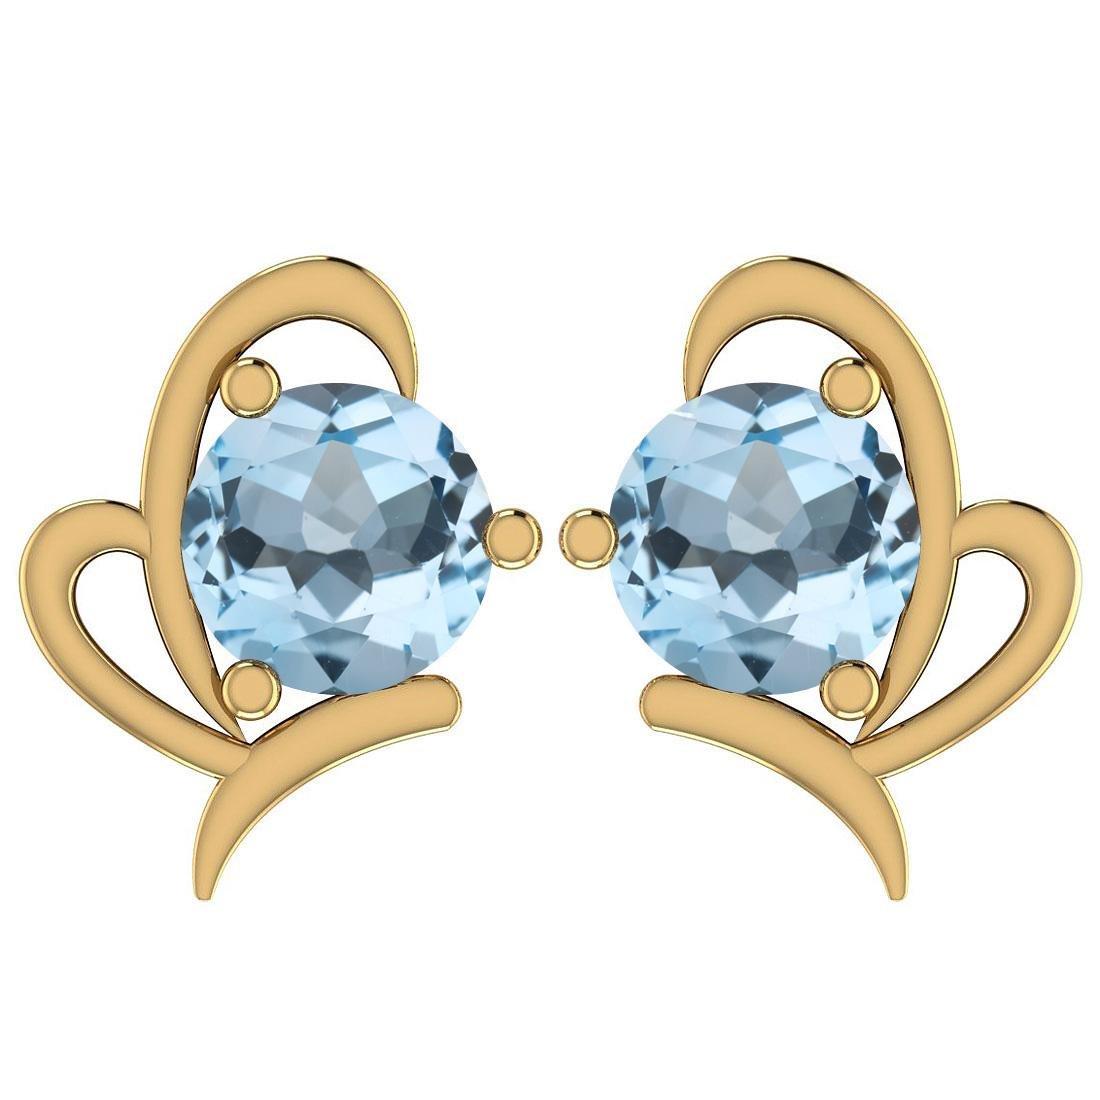 Certified 1.68 Ctw Blue Topaz 14K Yellow Gold Stud Earr